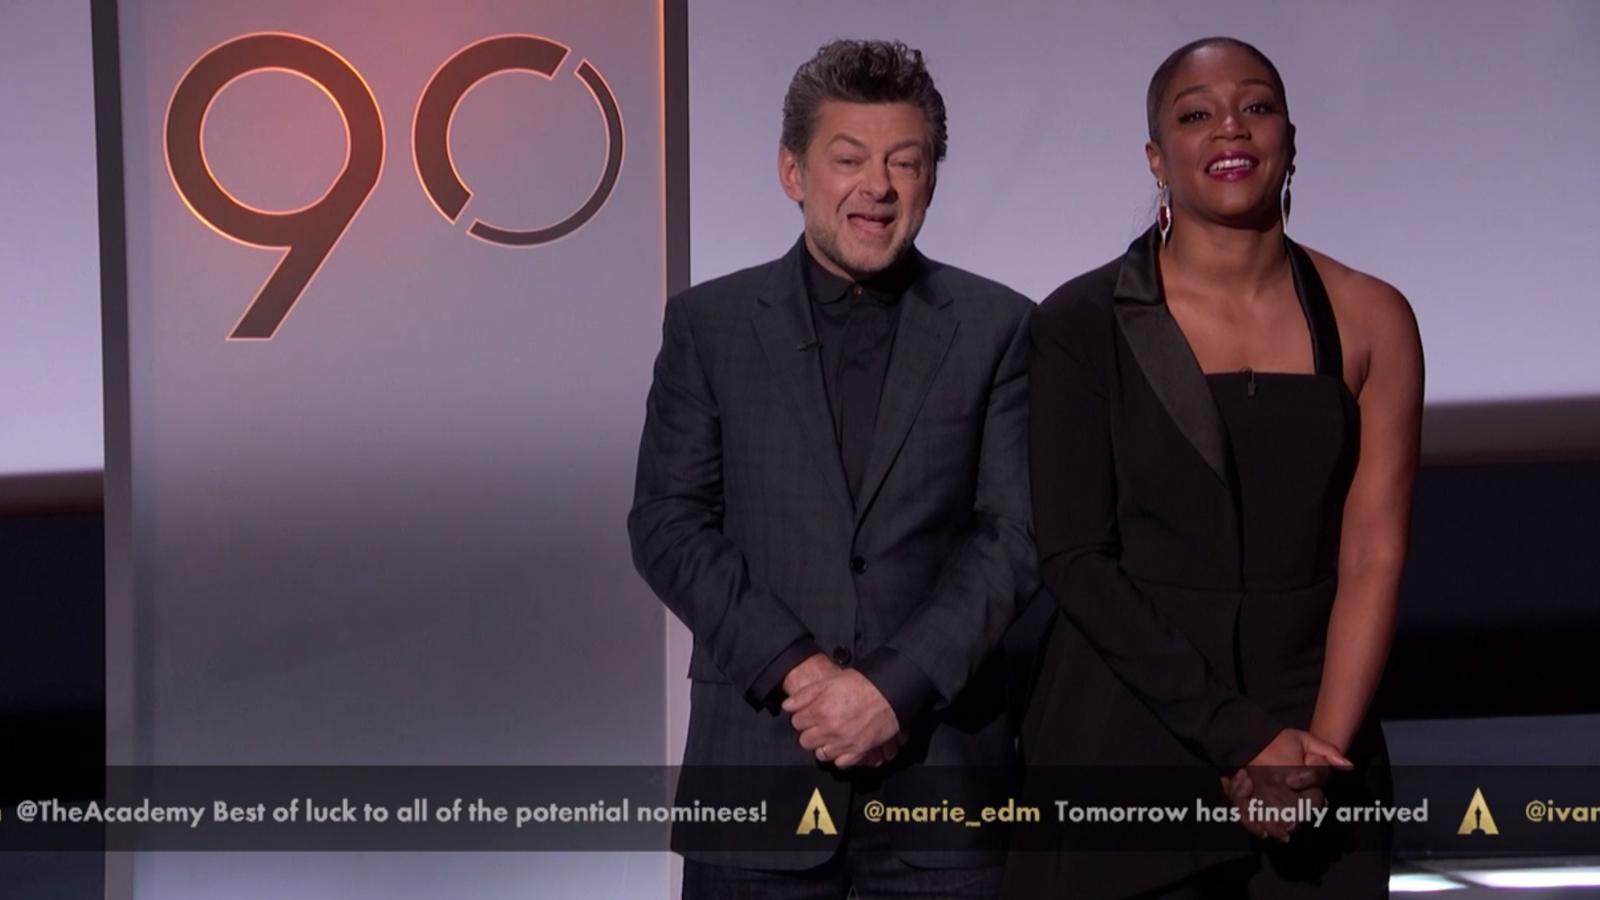 Segueix en directe l'anunci dels nominats als Oscars del 2018